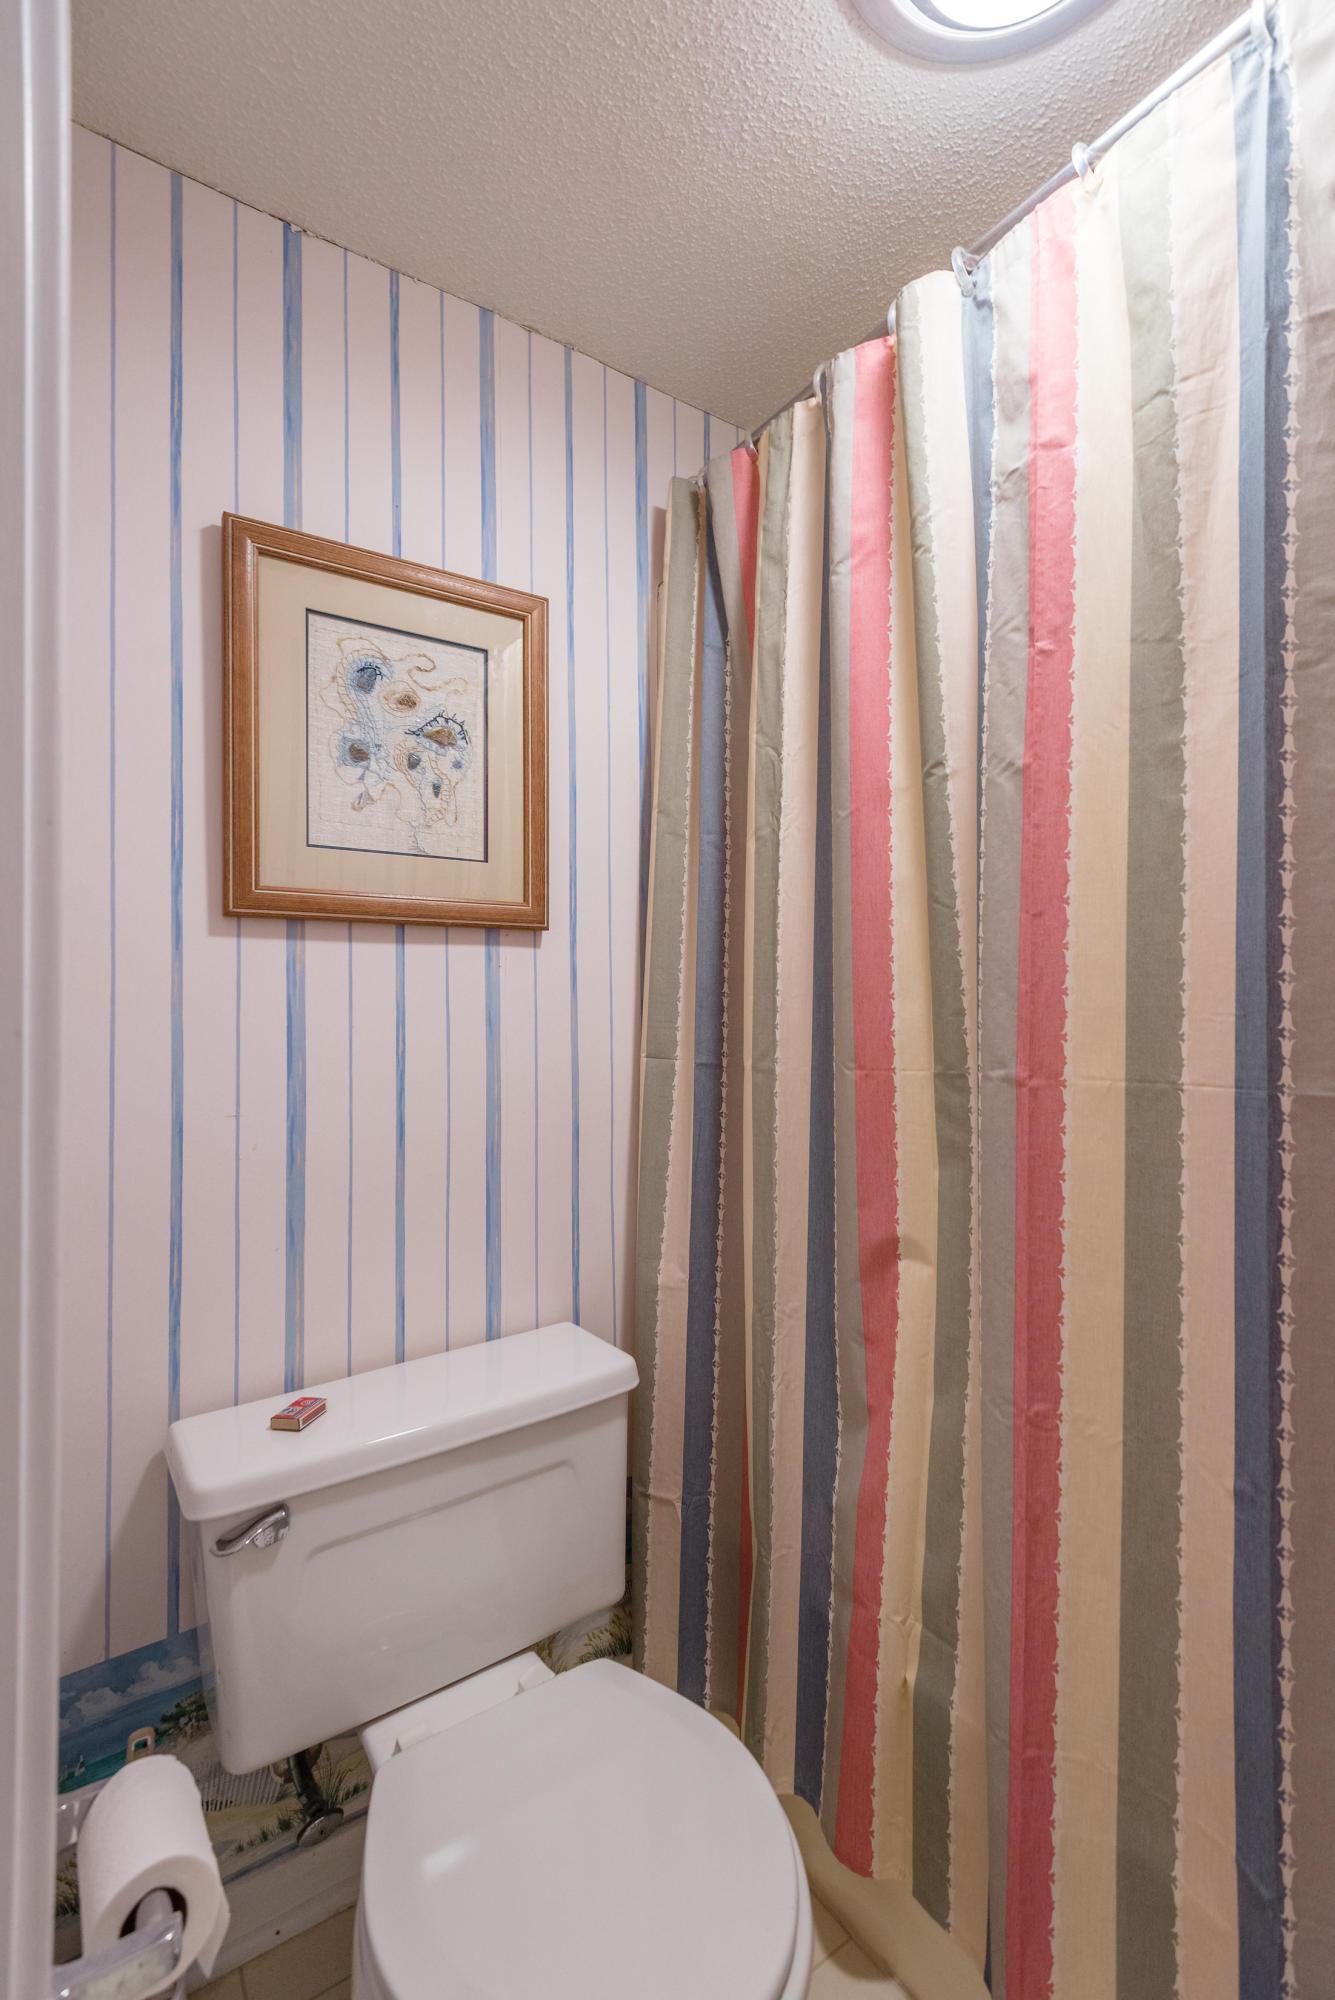 Seabrook Island Homes For Sale - 1701 Live Oak, Seabrook Island, SC - 13